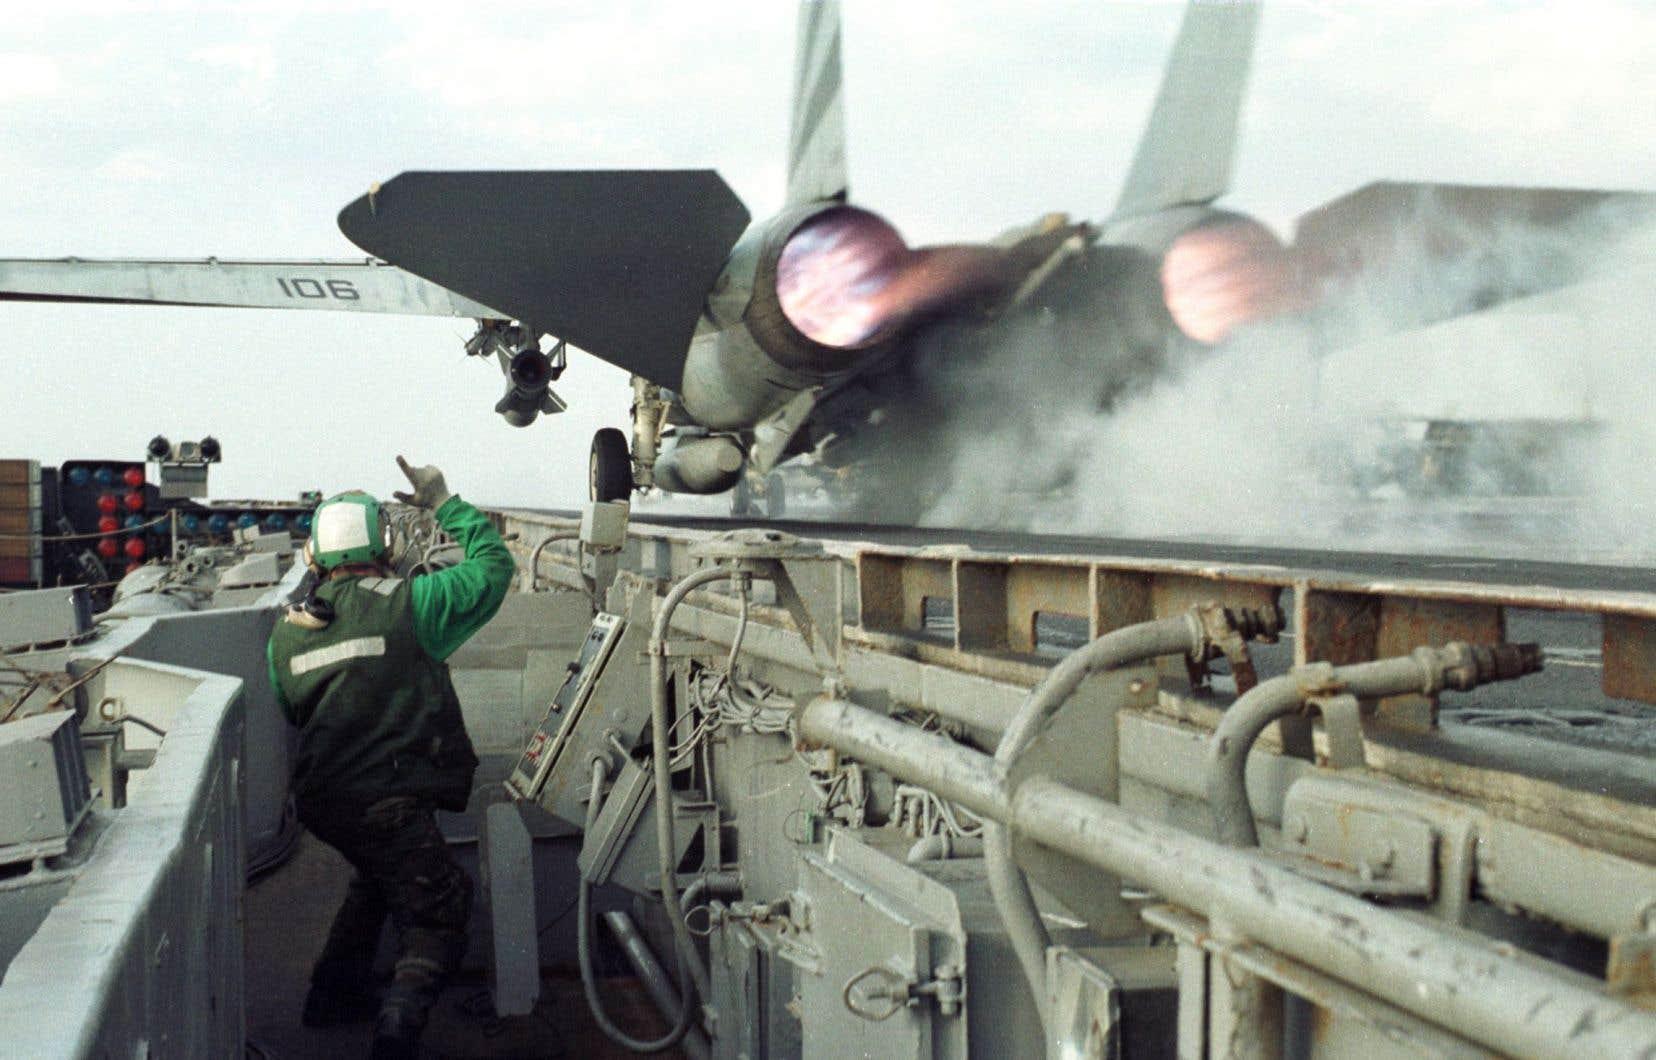 «L'armée des États-Unis est l'institution qui produit le plus de gaz à effet de serre dans le monde», soulignent les auteurs.